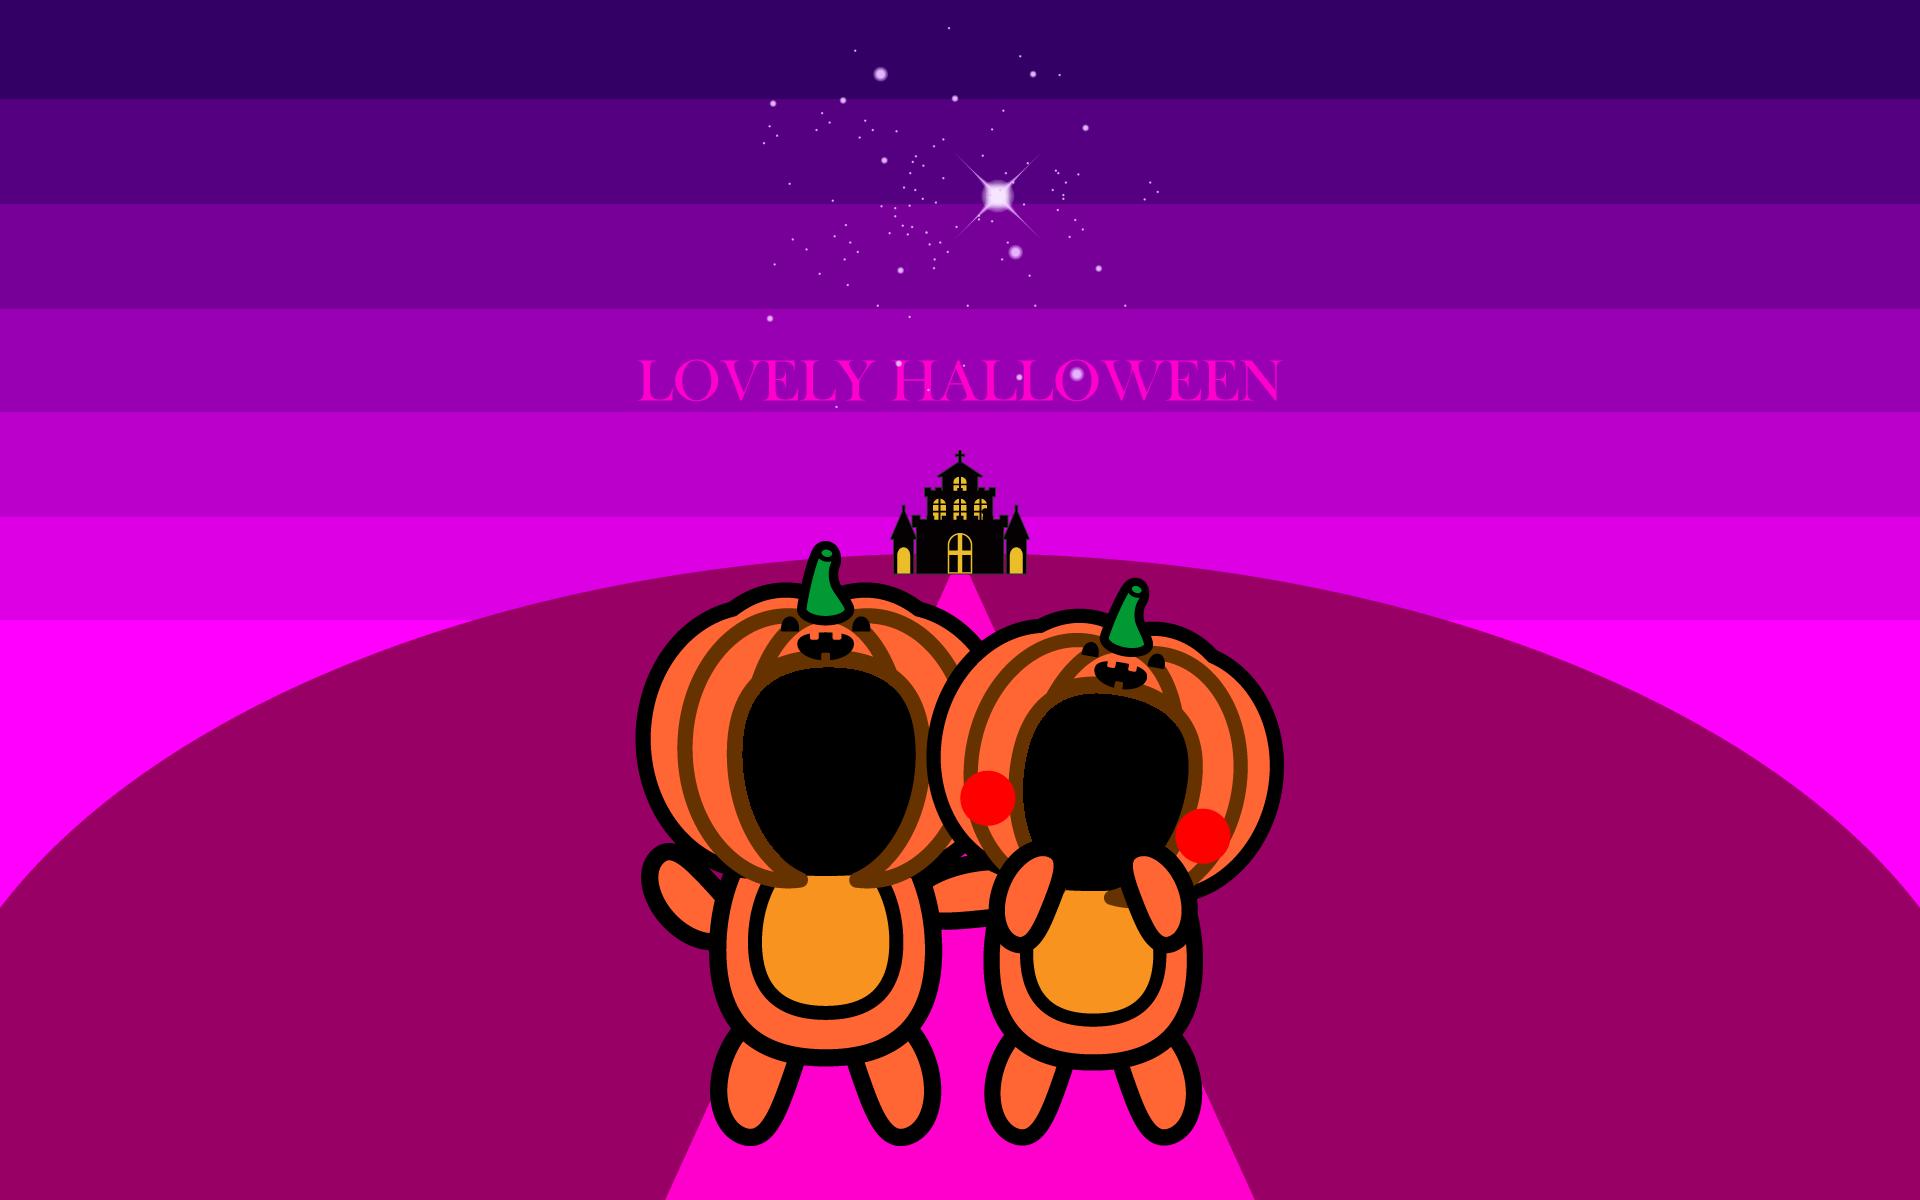 wallpaper2_lovely-halloween-pc